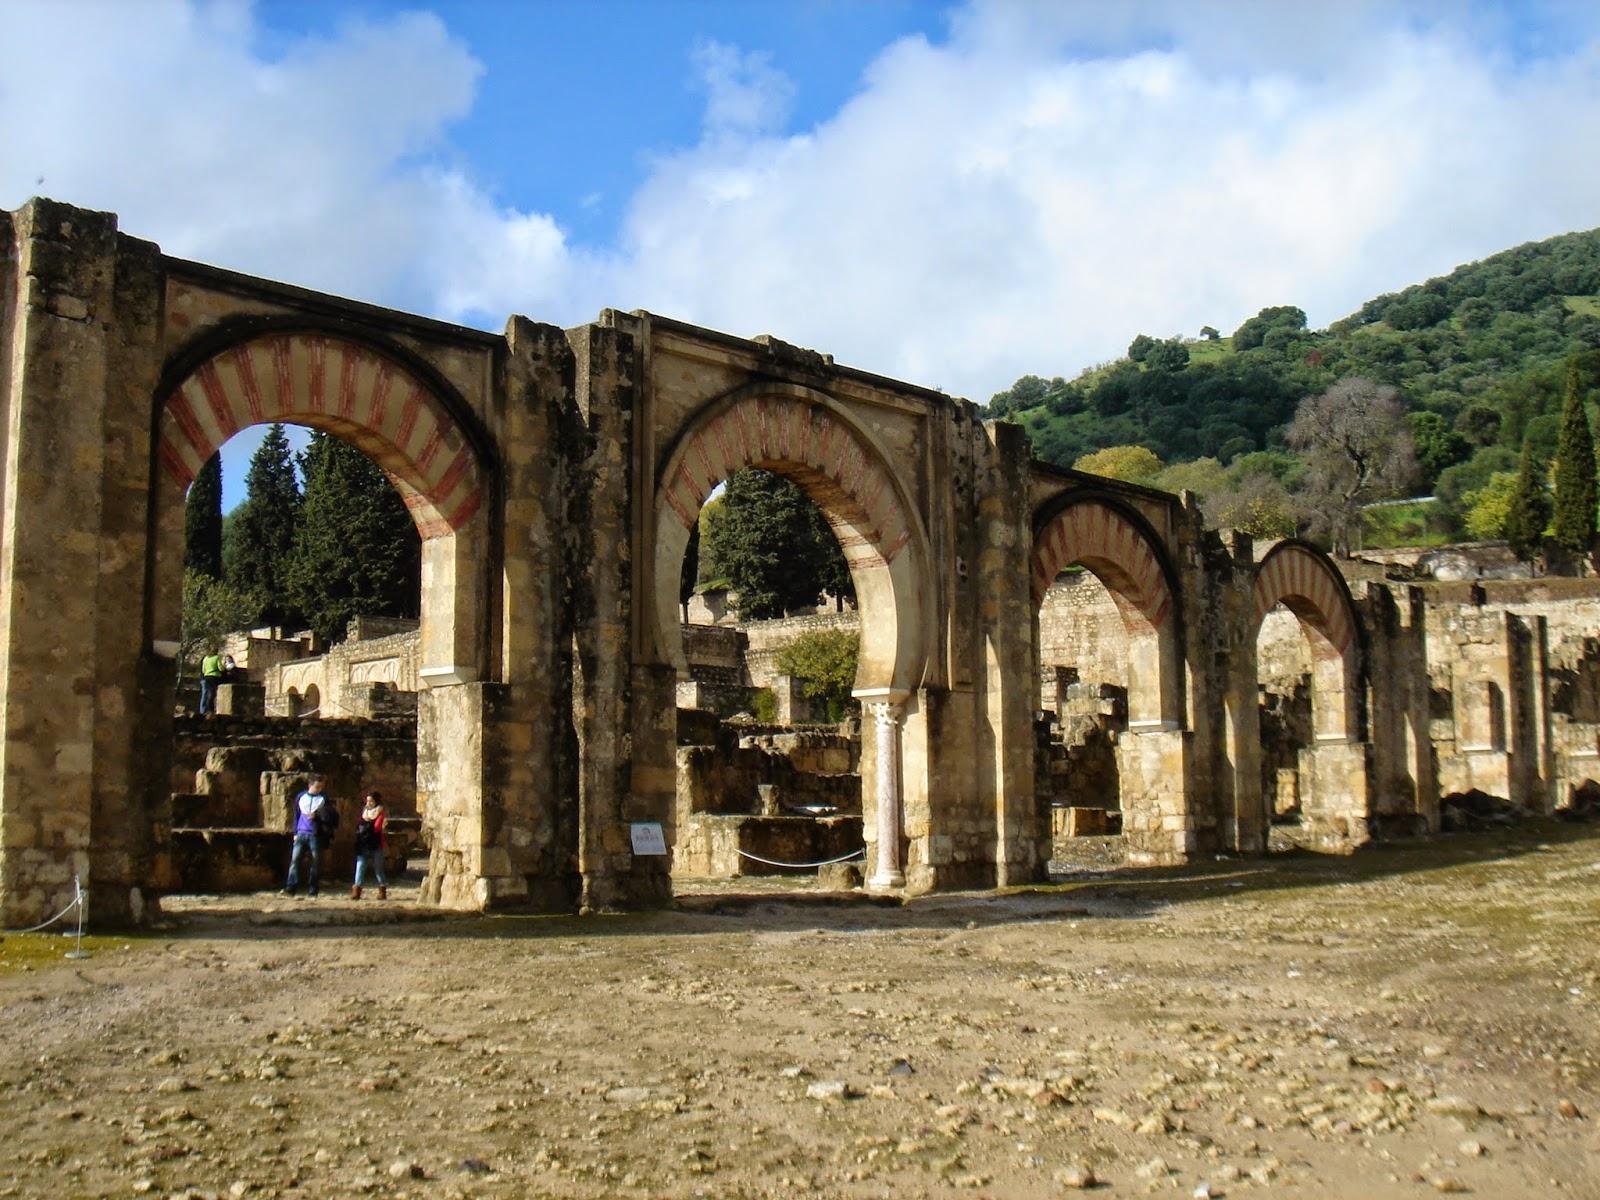 Medina Azahara (Cordoba).